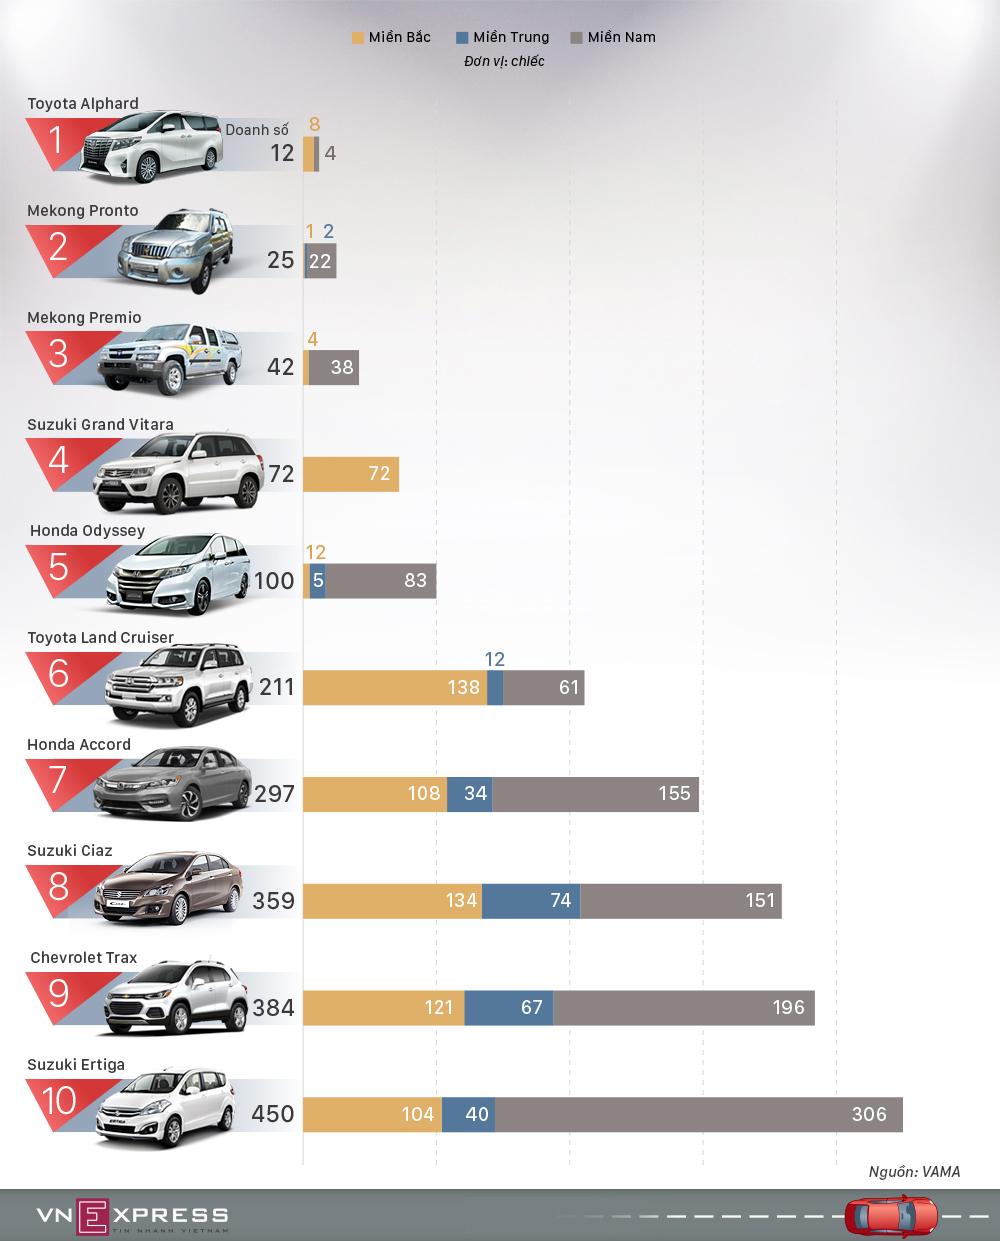 10 mẫu ôtô ế ẩm nhất thị trường Việt Nam năm 2017